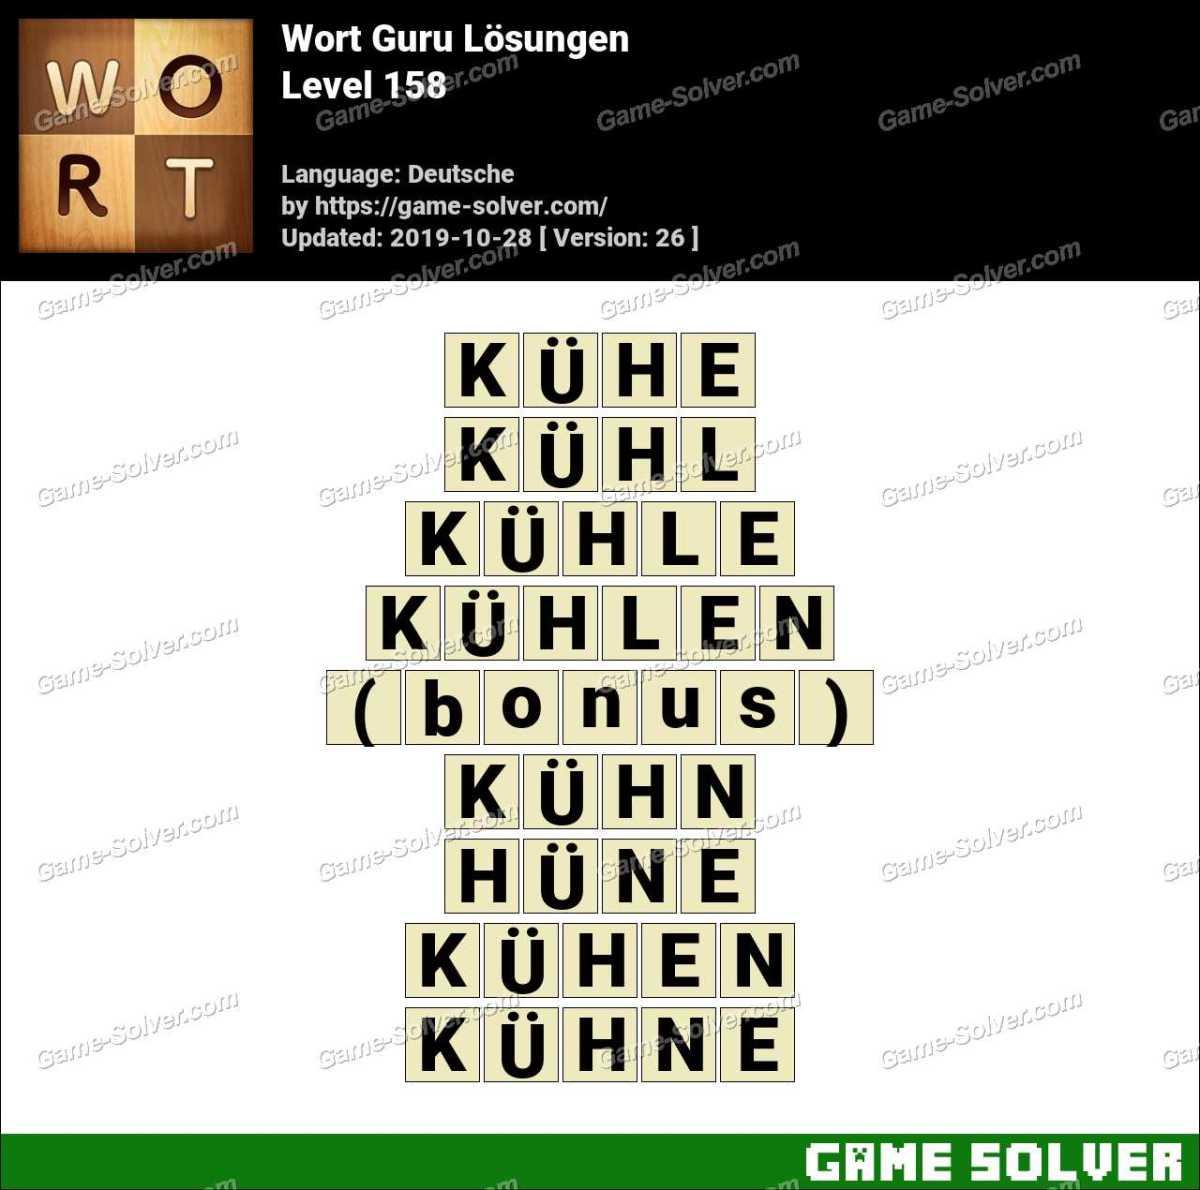 Wort Guru Level 158 Lösungen